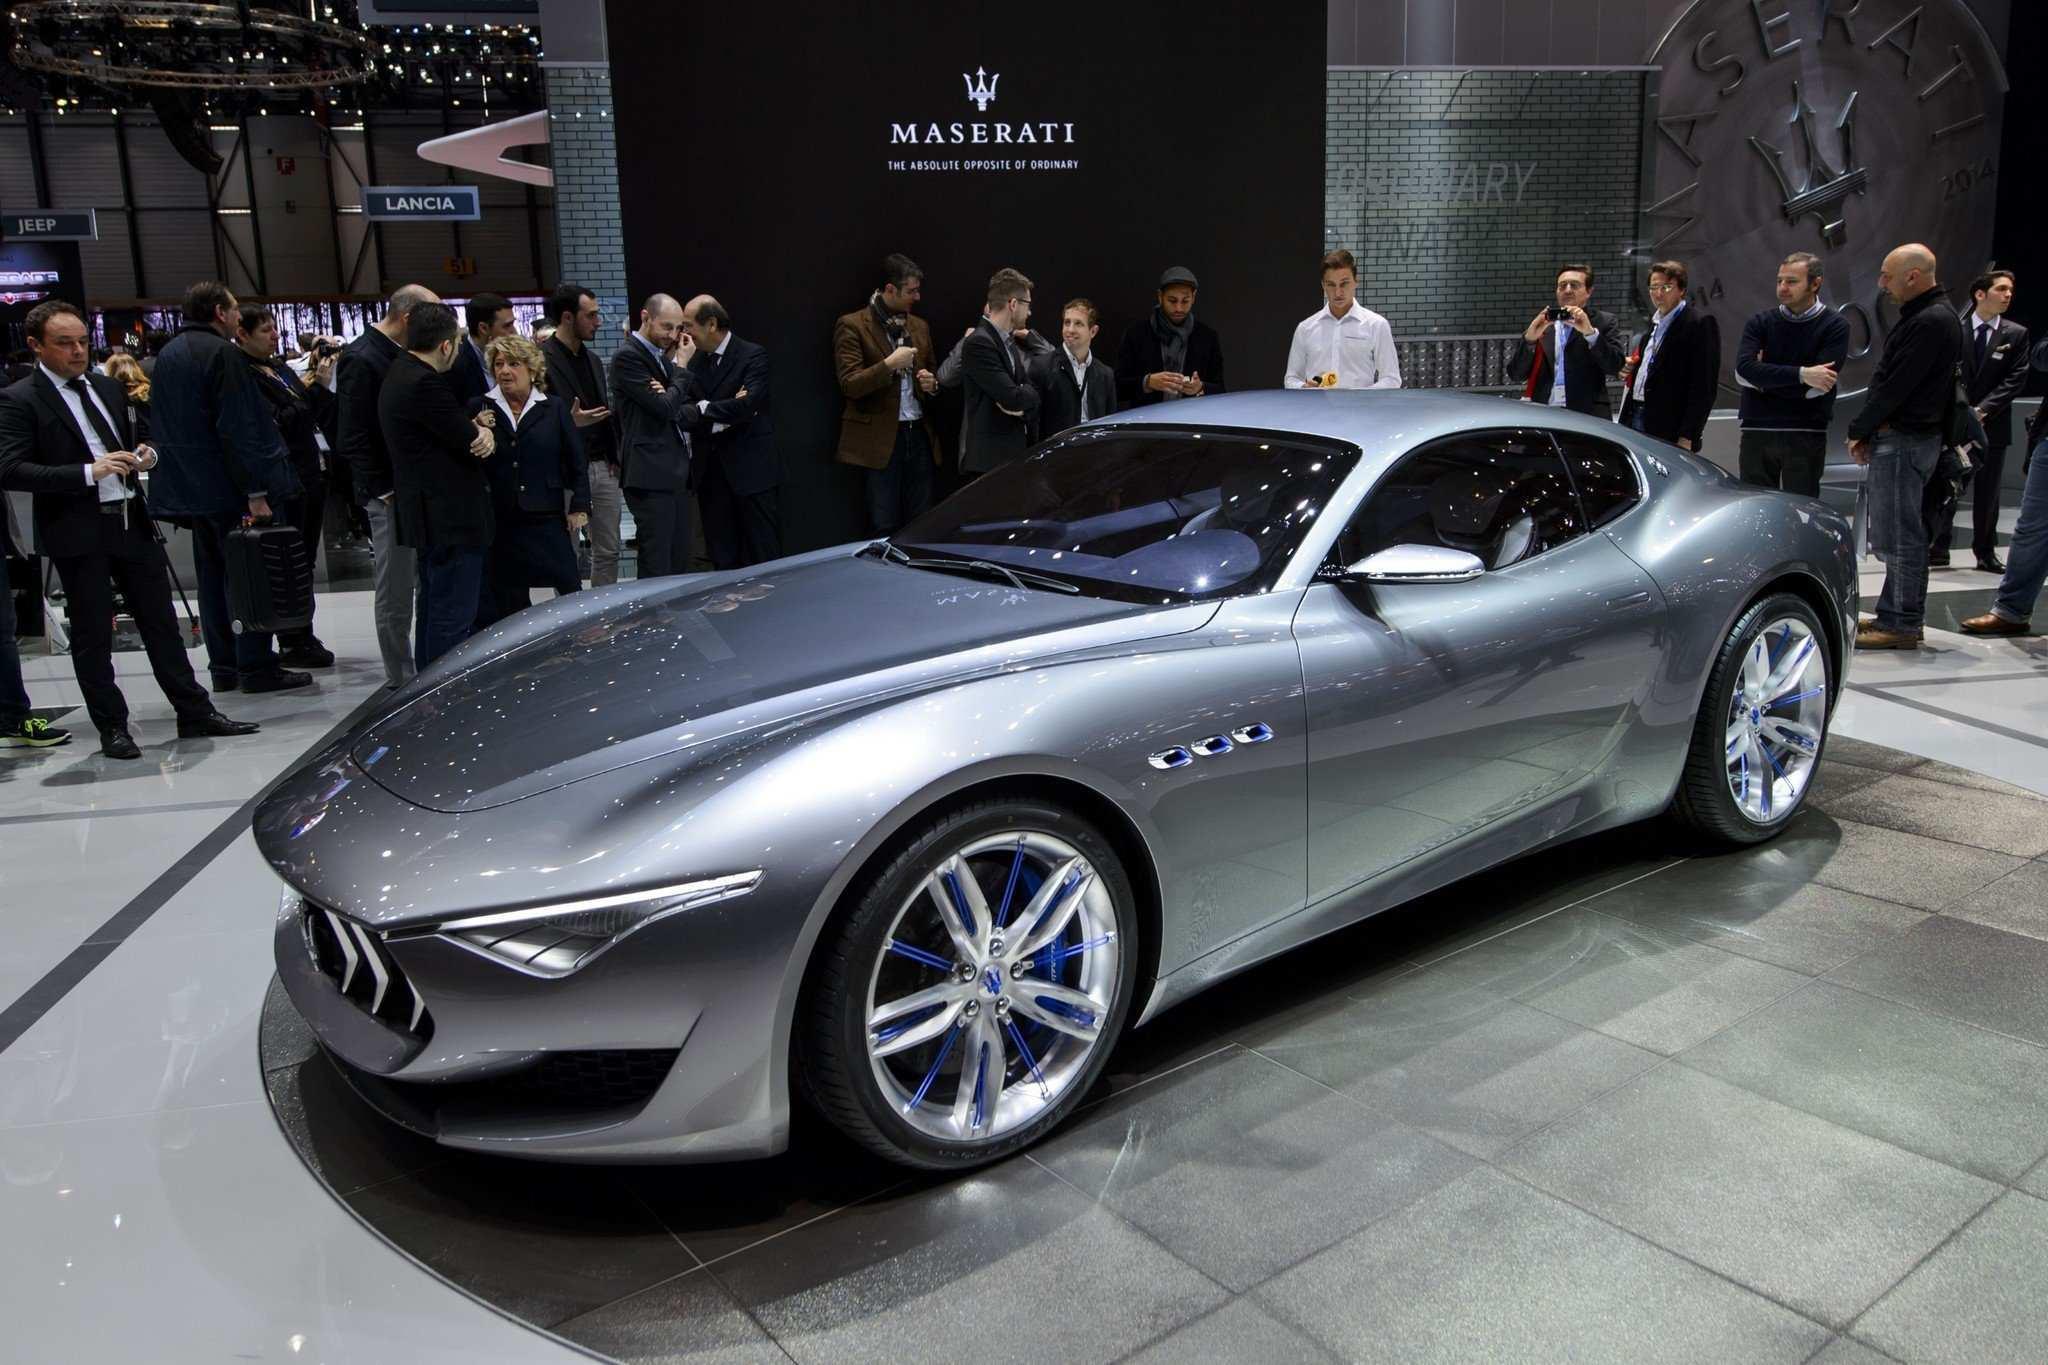 69 Great Maserati Elettrica 2020 Exterior with Maserati Elettrica 2020